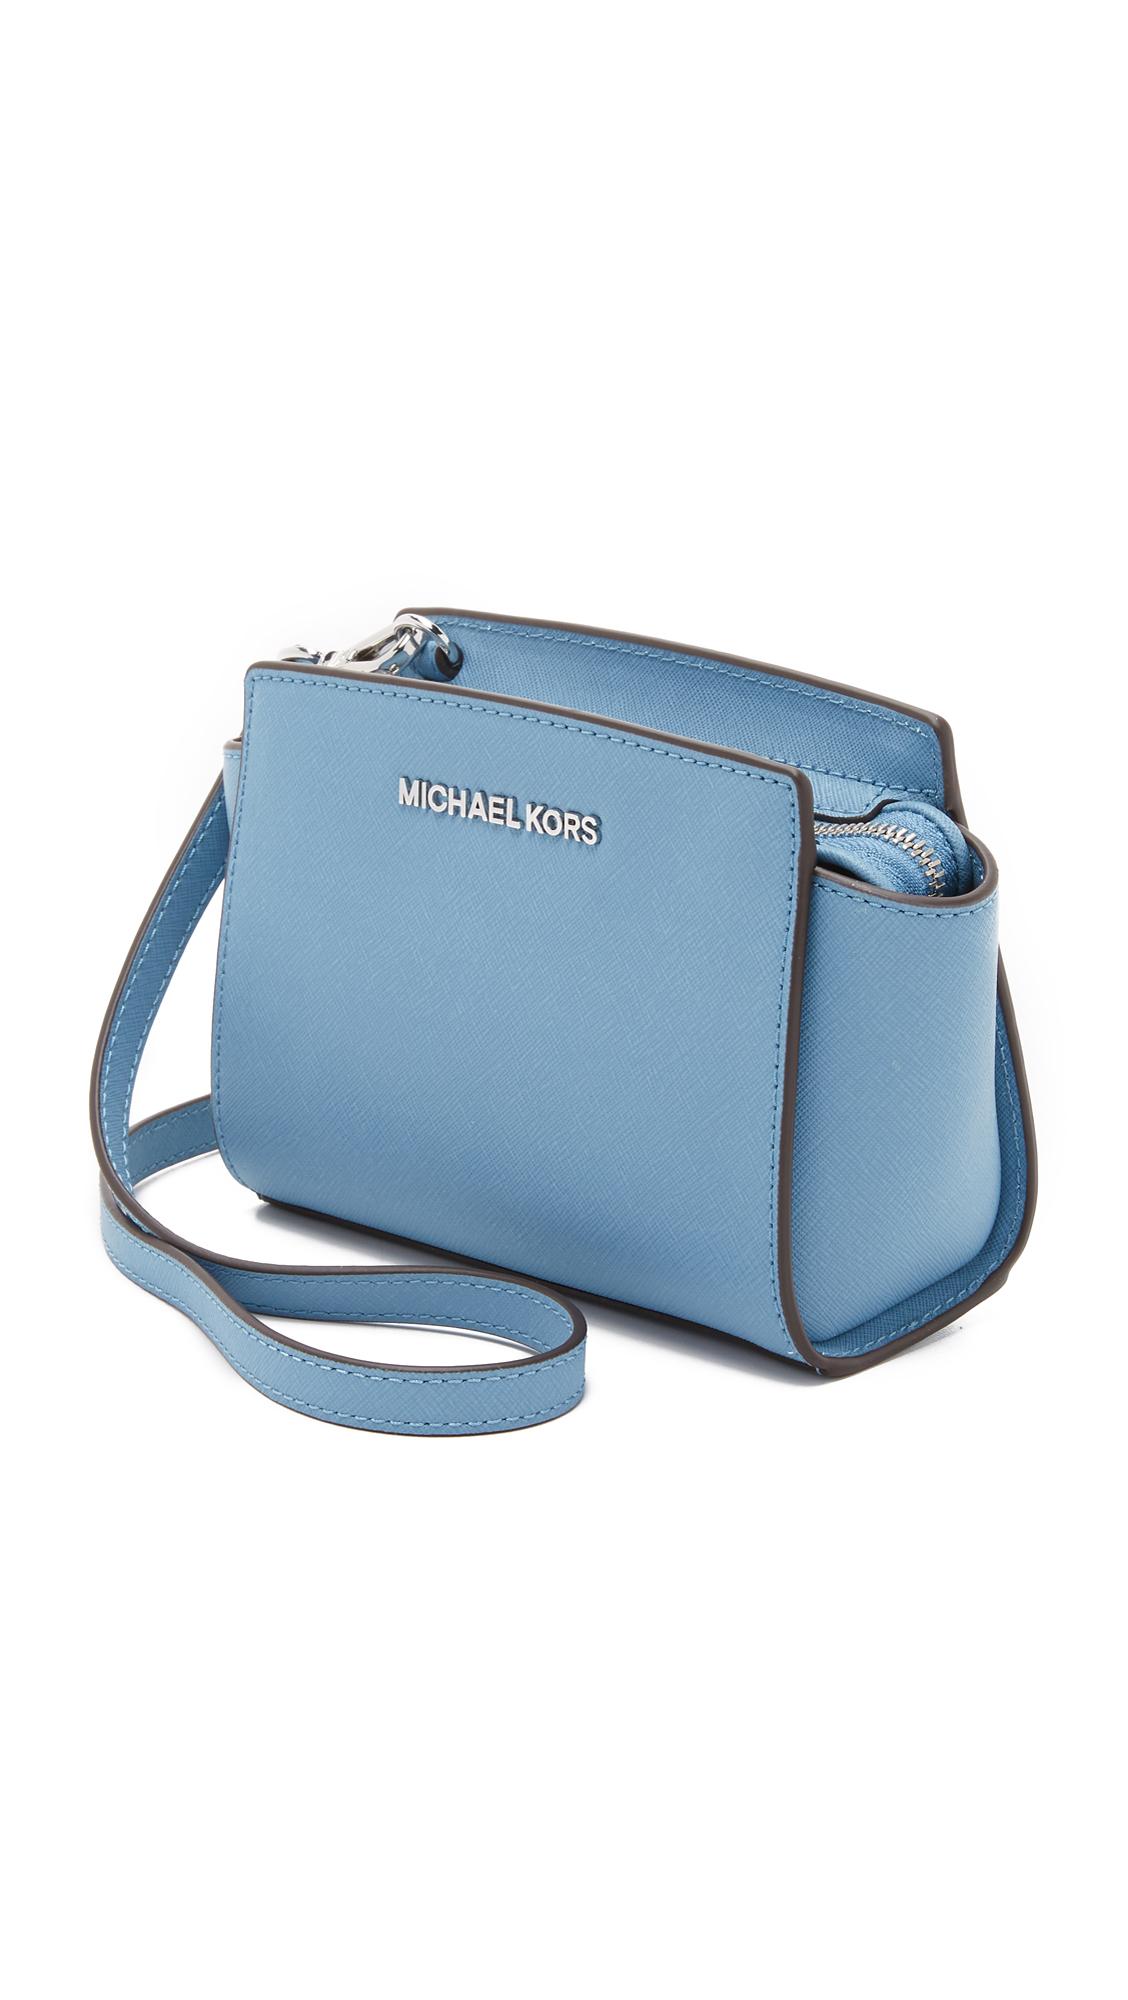 Bag Selma Michael Lyst In Blue Cbdeqxrow Kors Mini Messenger 0OZN8PkwnX